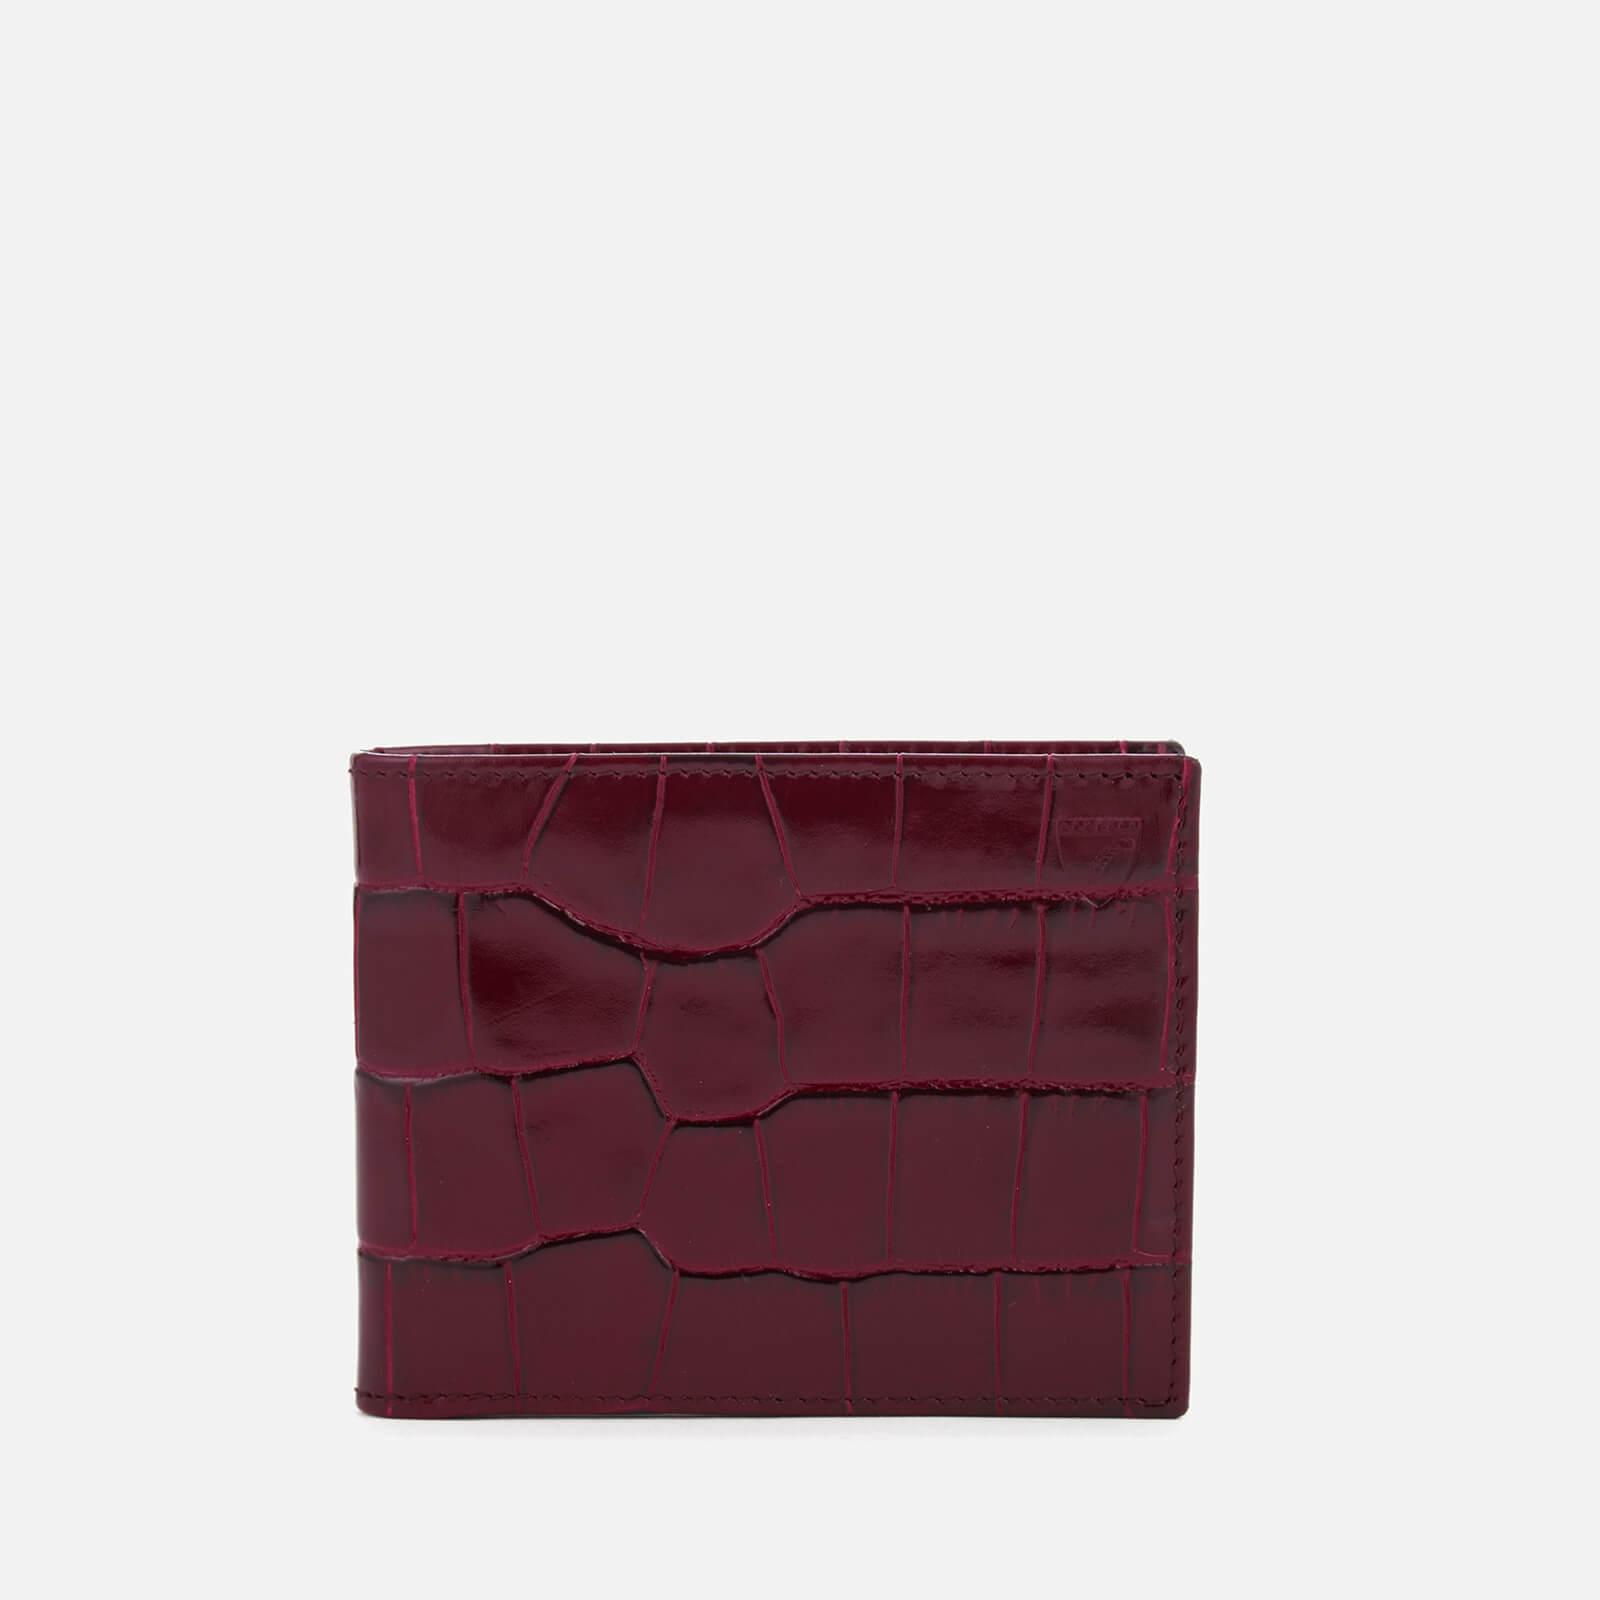 Aspinal of London Men's Billfold Wallet - Bordeaux